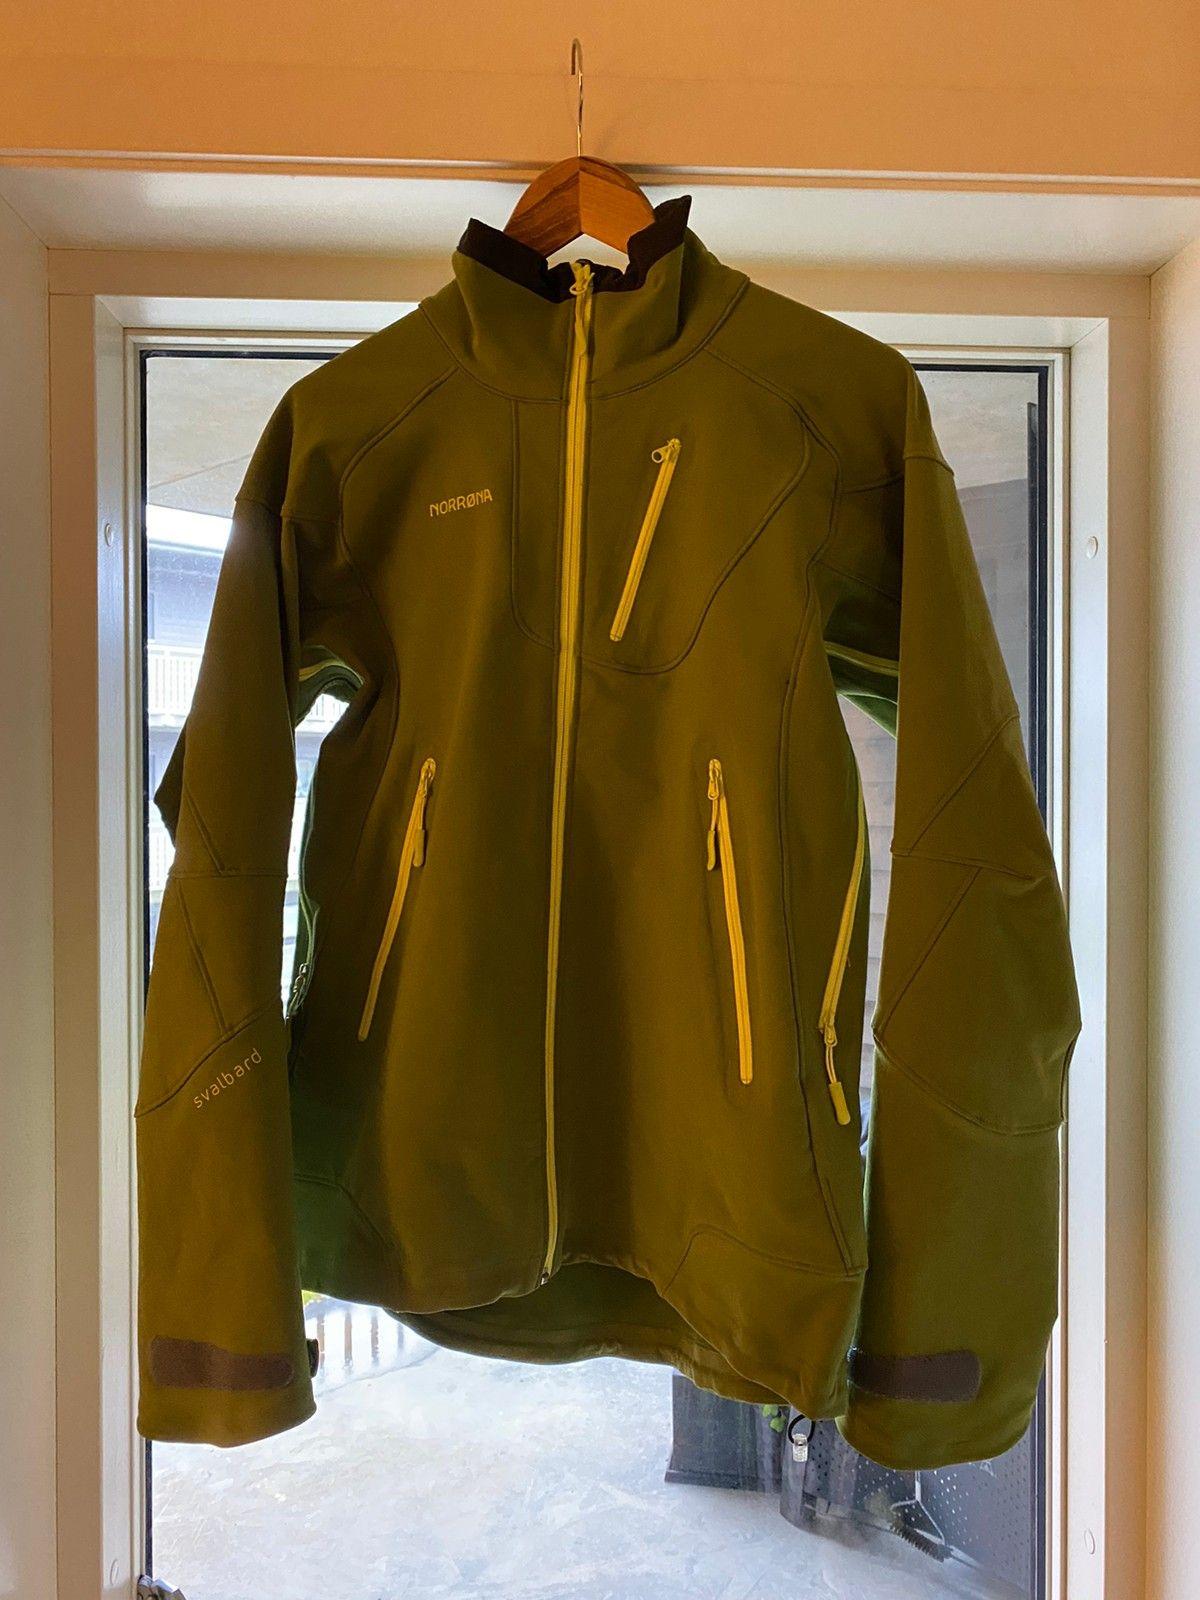 Nesten ikke brukt norrøna jakke | FINN.no